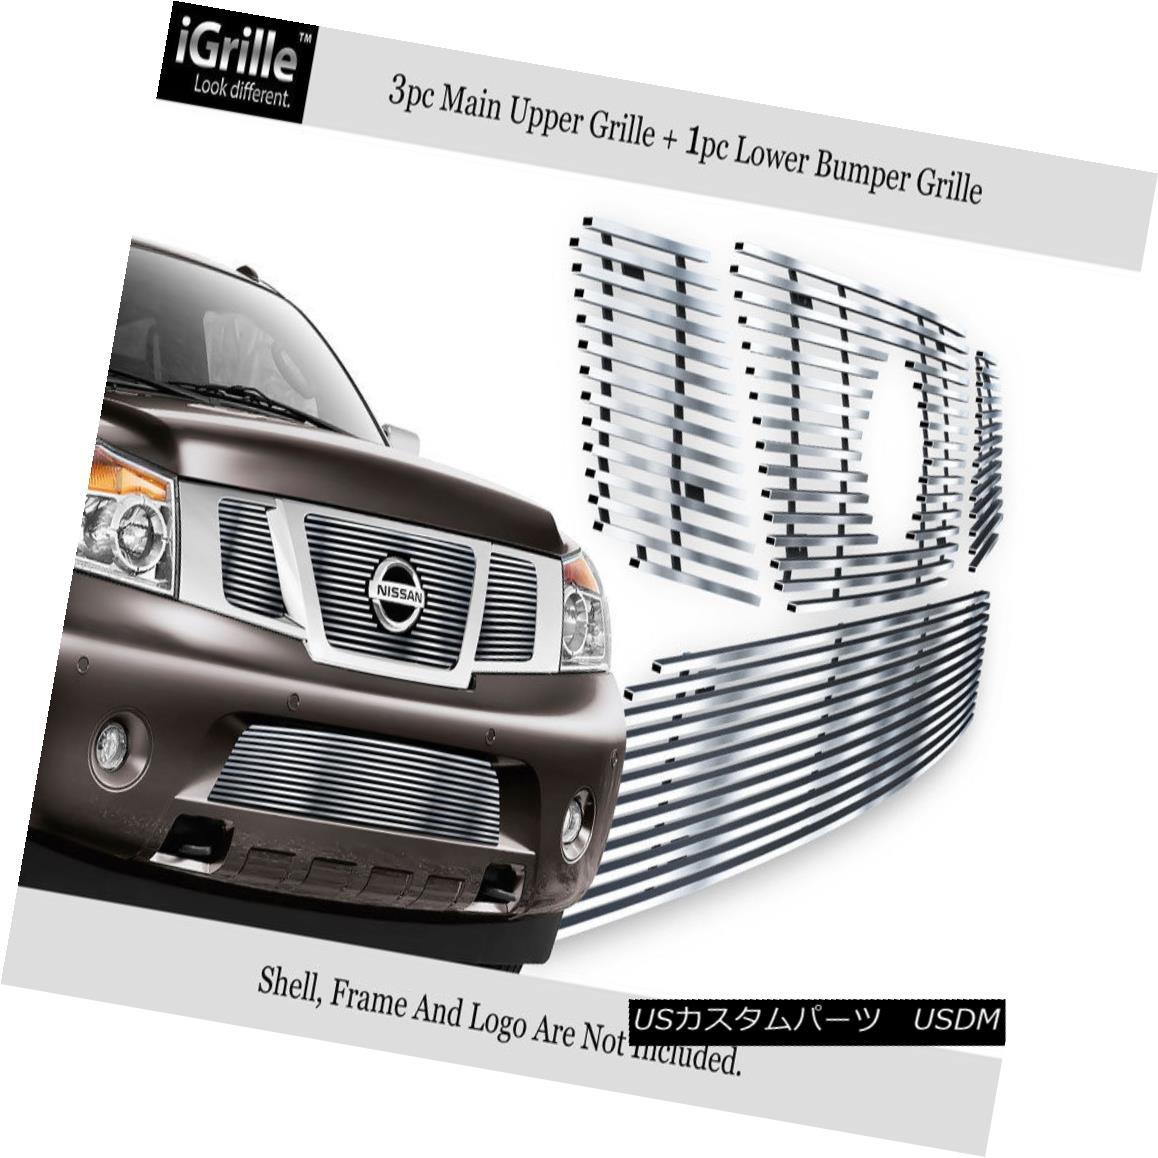 グリル Fits 2008-2014 Nissan Armada Billet Grille w/Logo Show Stainless Bilelt Grille フィット2008-2014日産アルマダビレットグリルロゴ付きステンレスビレットグリル